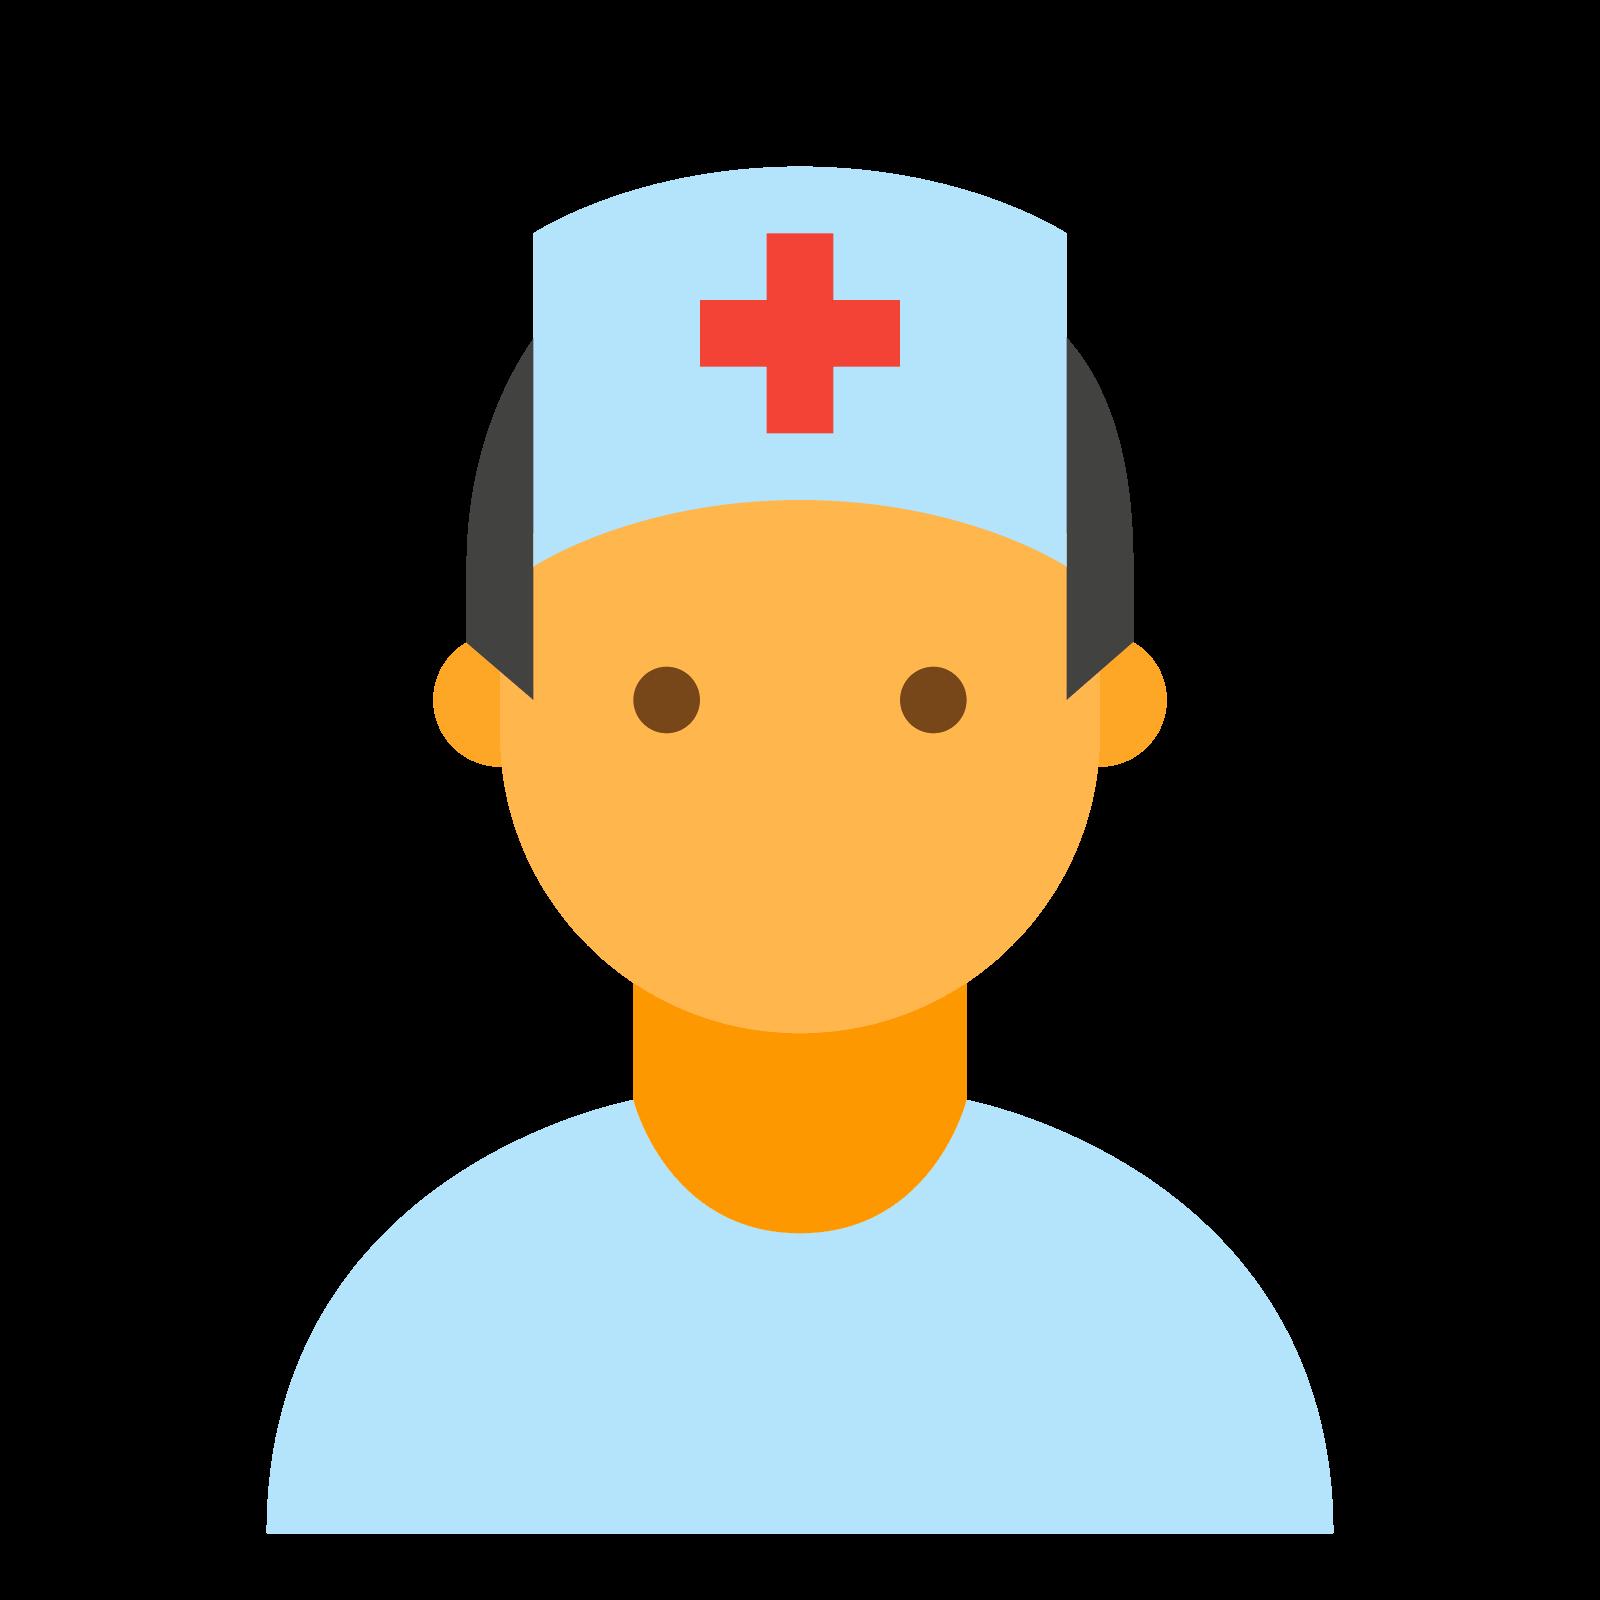 Nurse male cones download. Nursing clipart nursing diagnosis